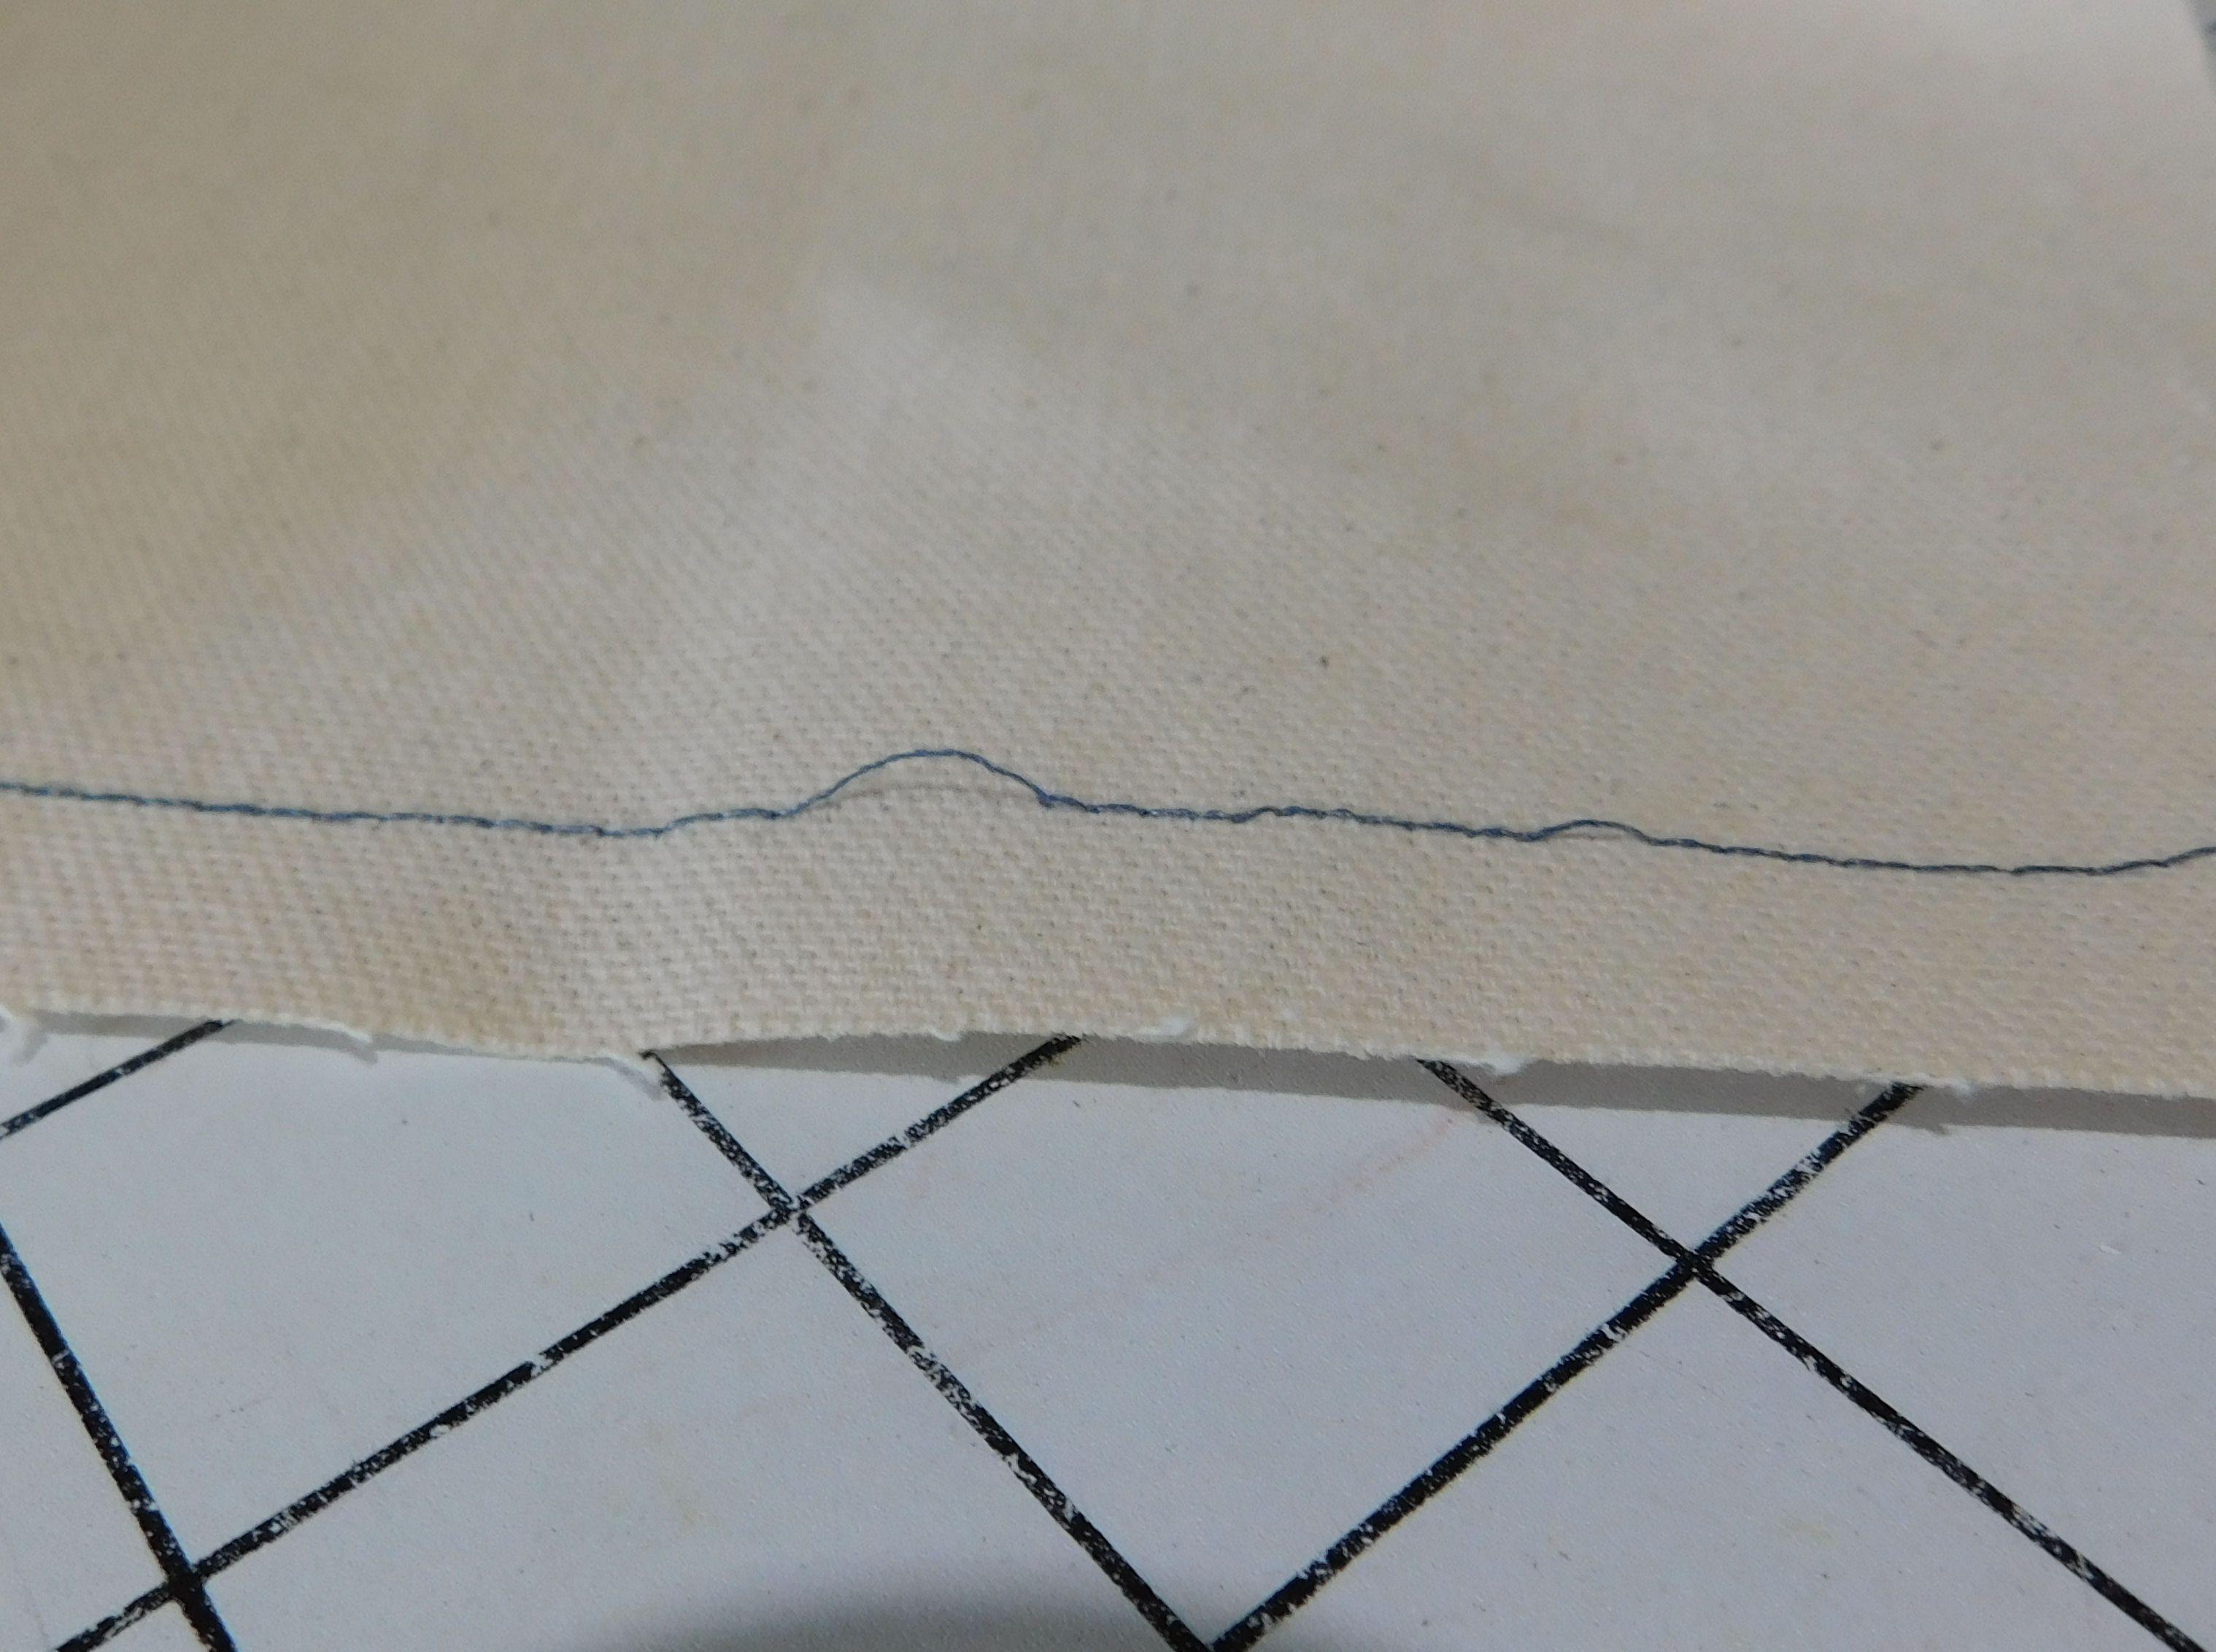 Fix Sewing Machine Skipped Stitches